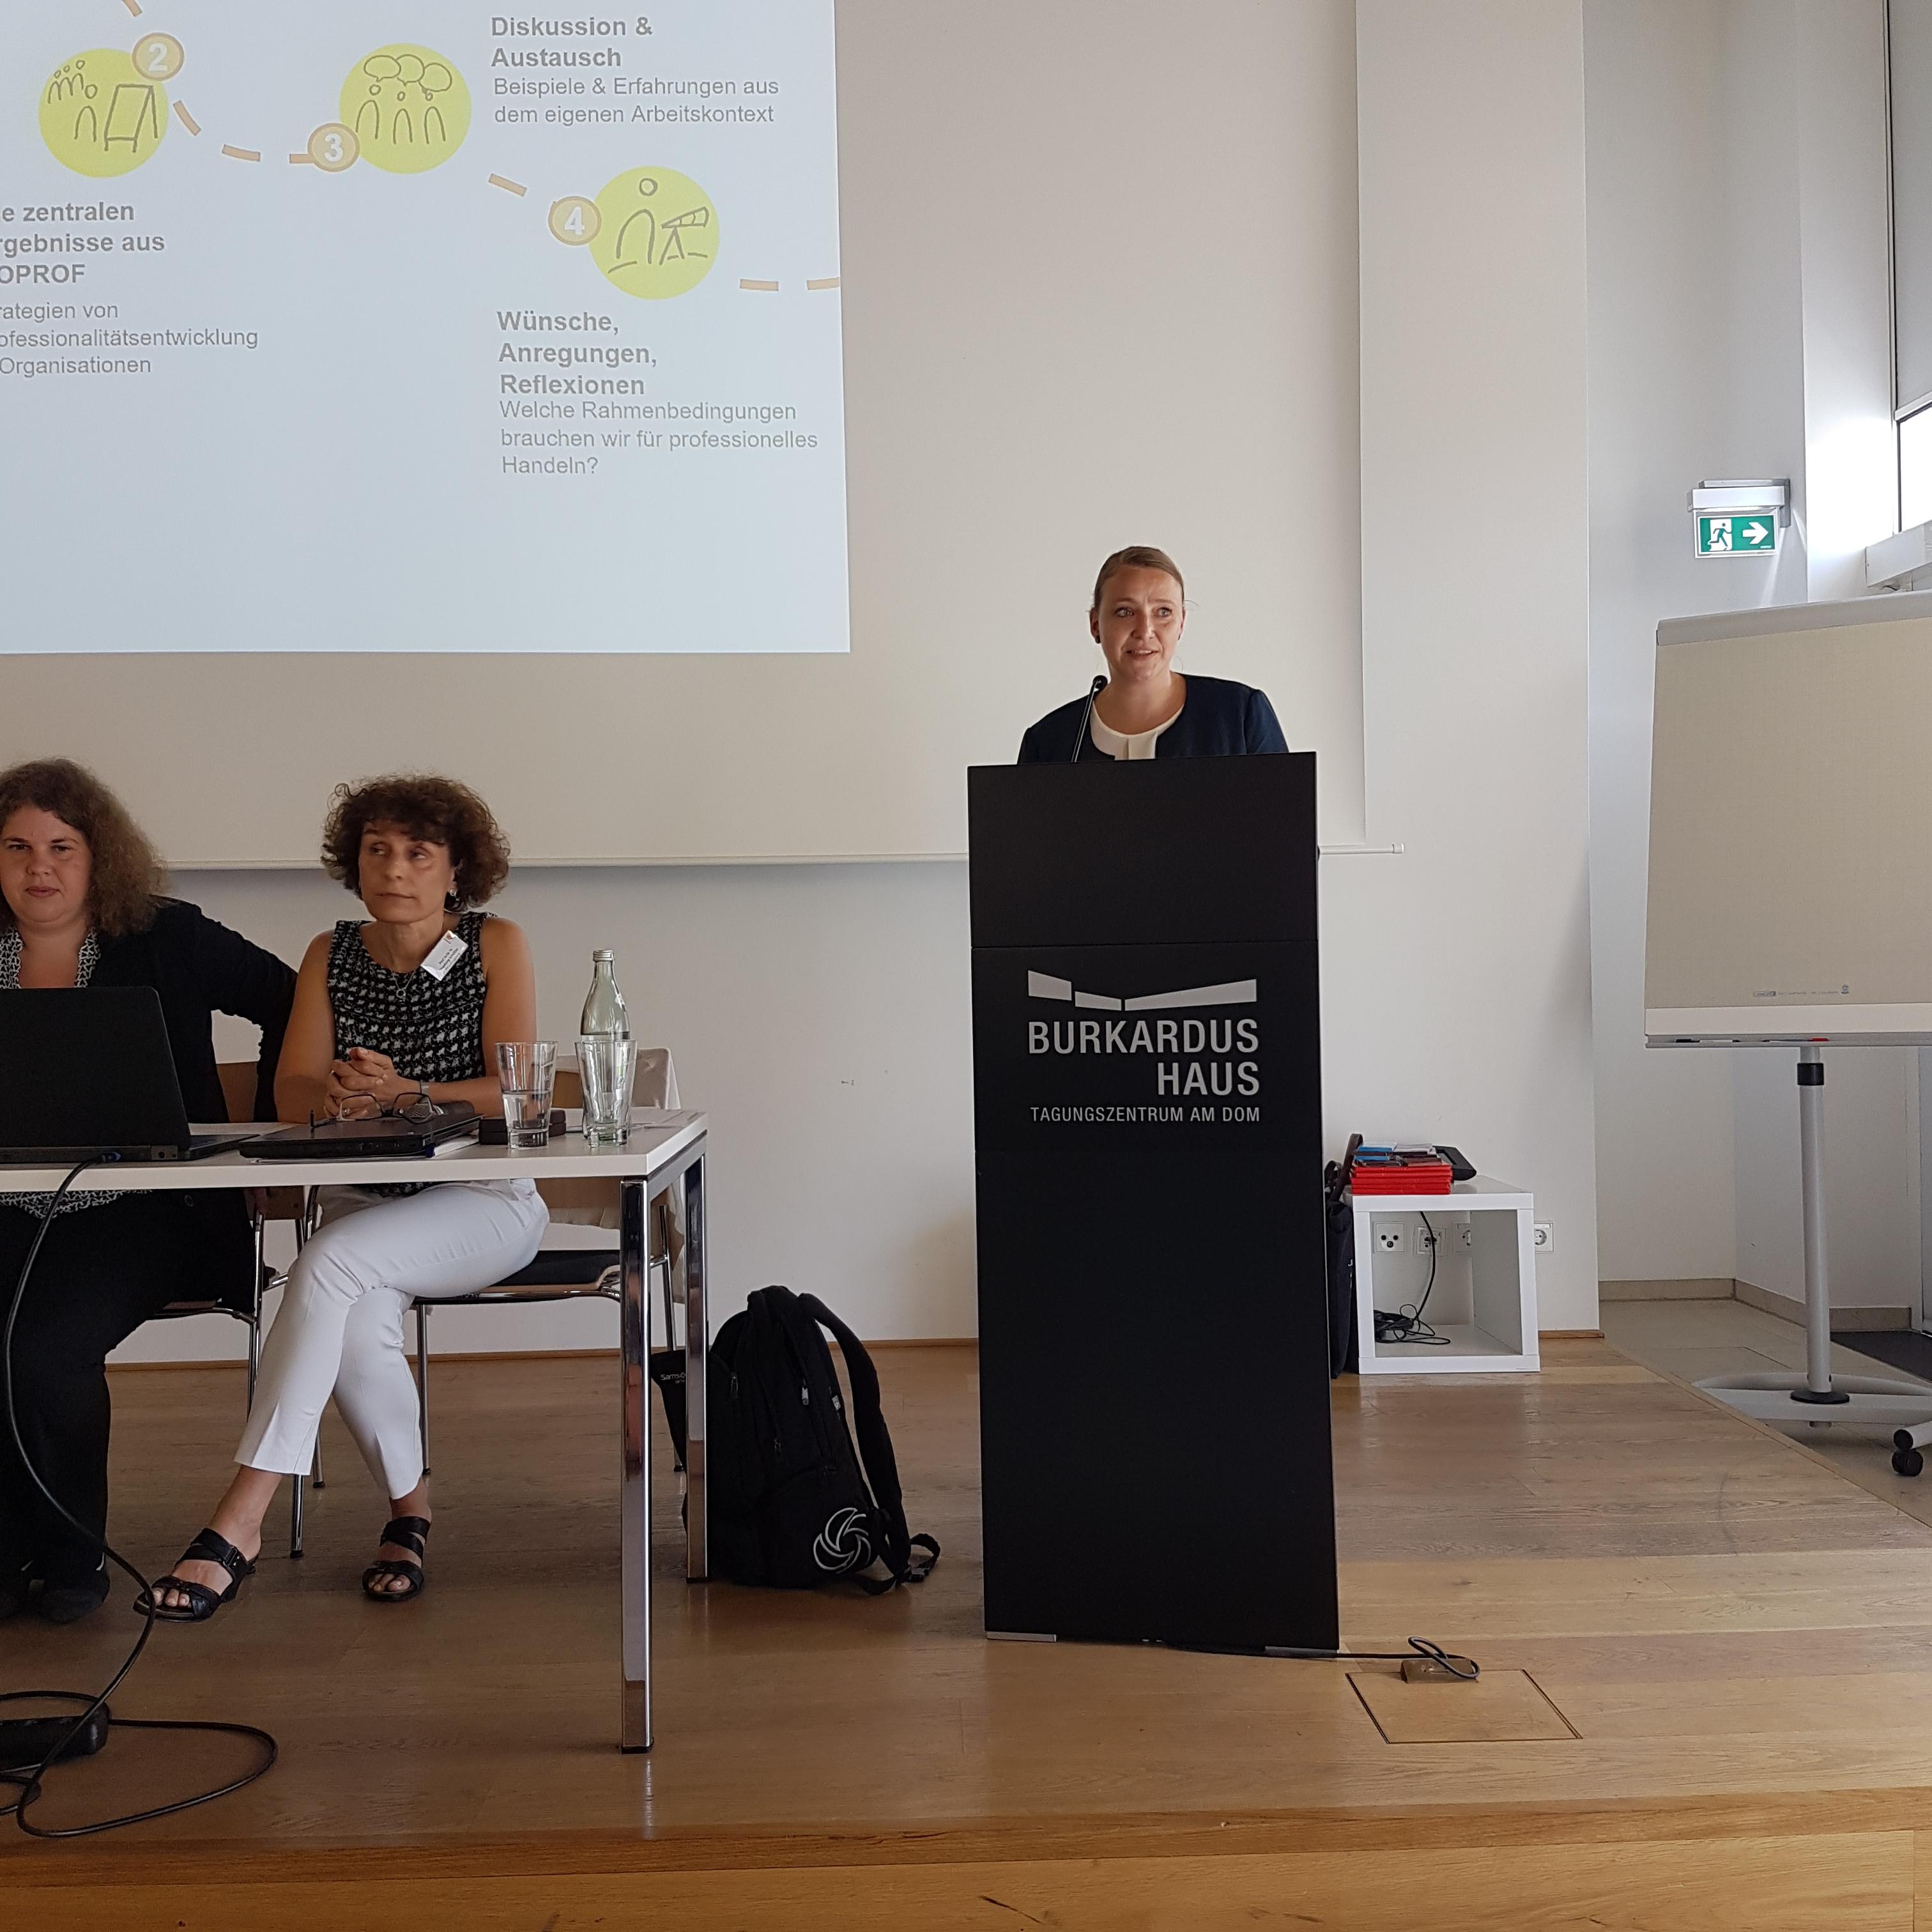 v.l. R. Egetenmeyer, I. Schüßler, Mara Albonesius bei der Vorstellung von Workshop III